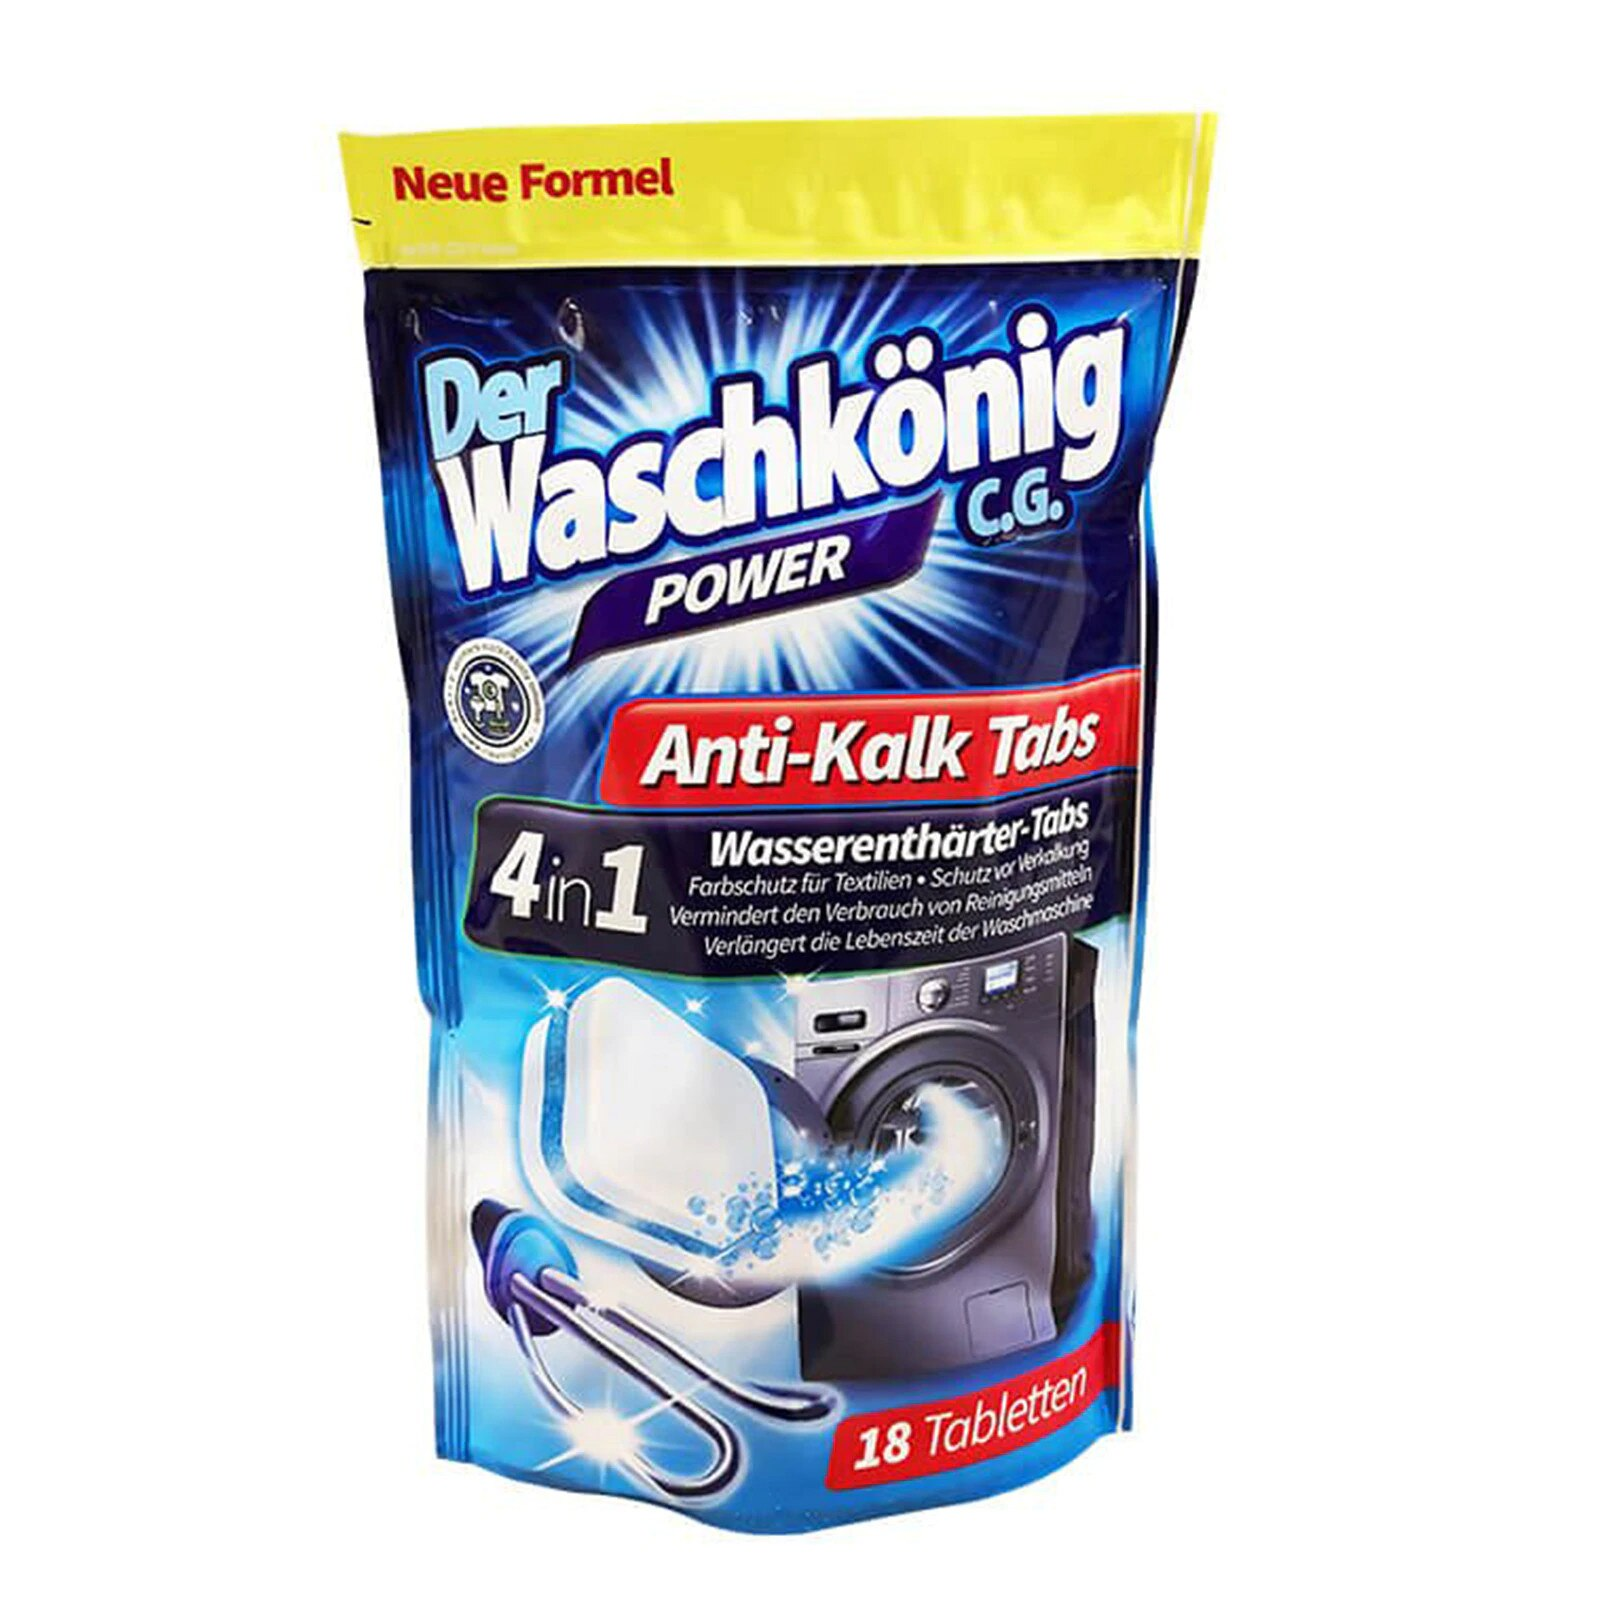 Washkonig Tablete Anticalcar 18 Buc sanito.ro